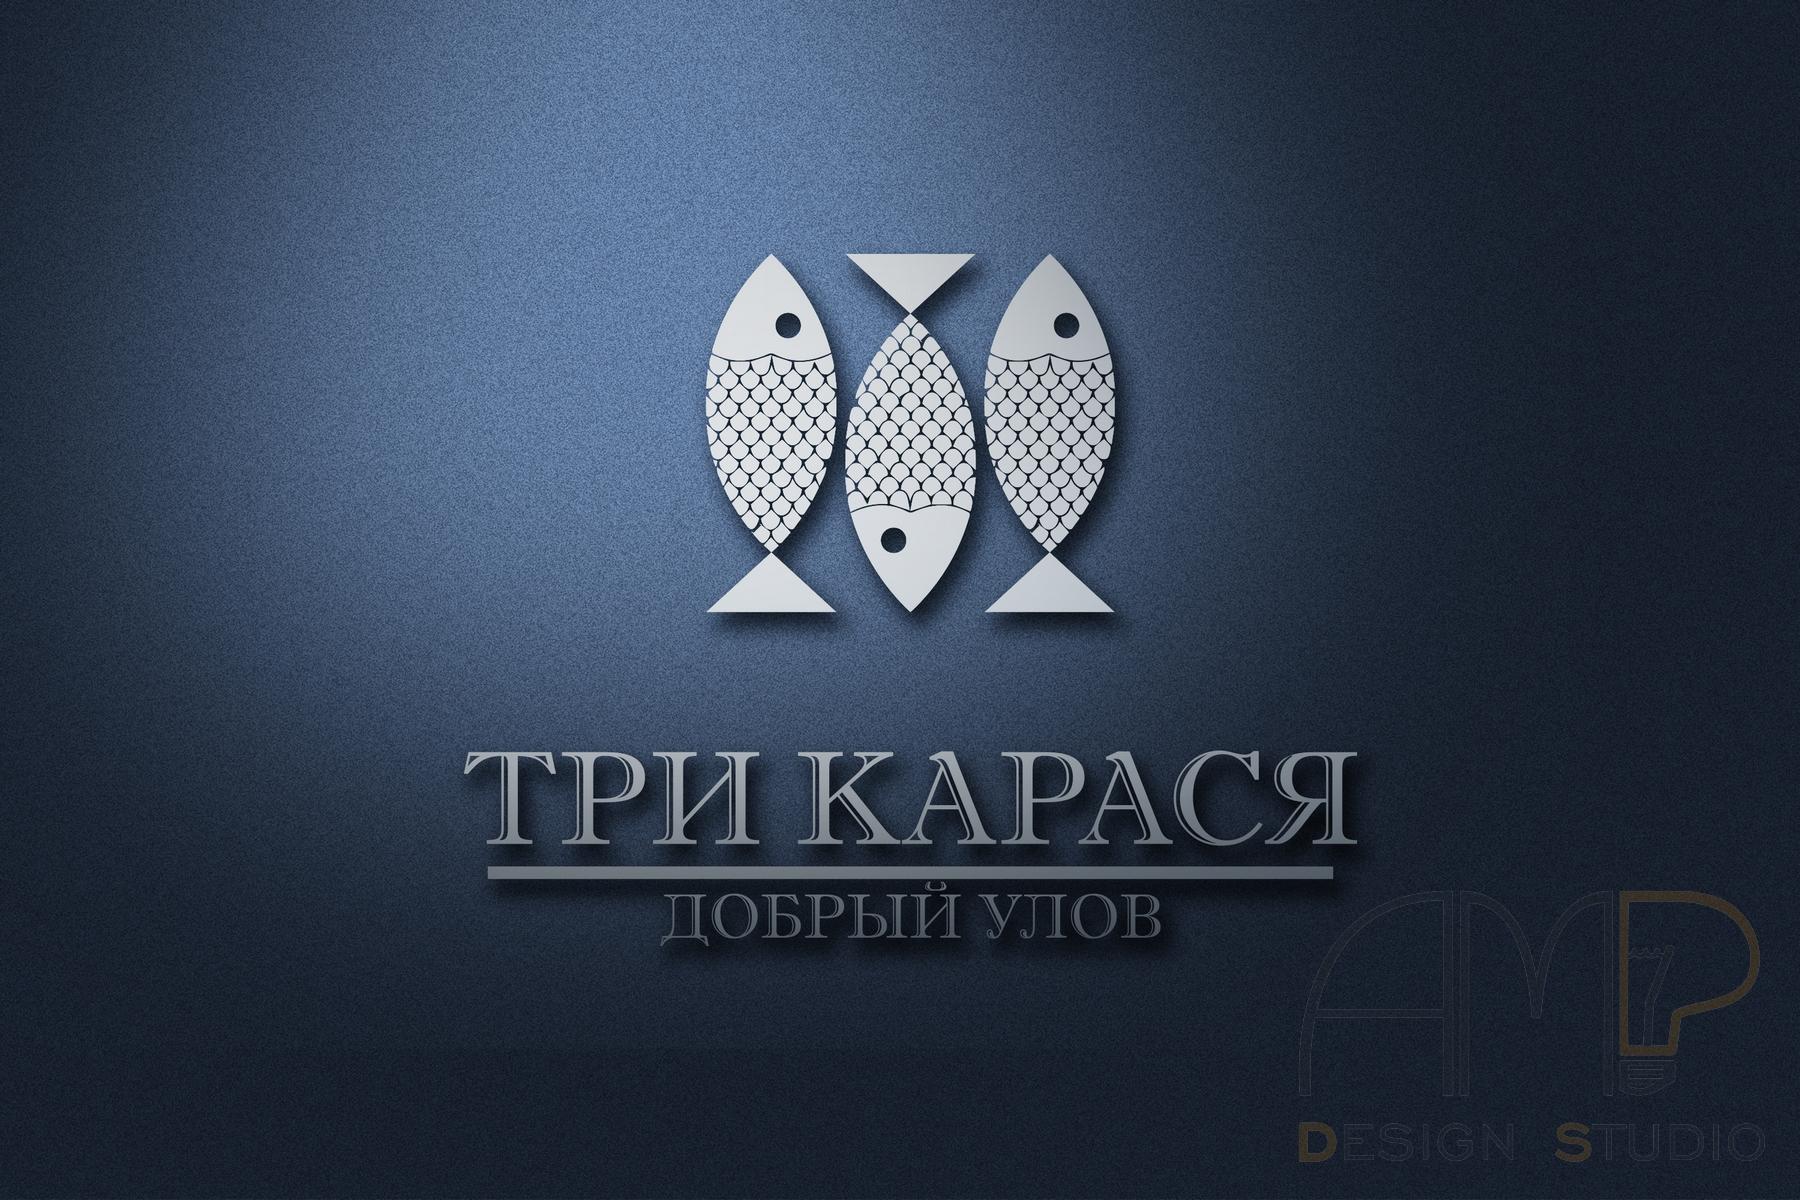 3 какрася лого 3